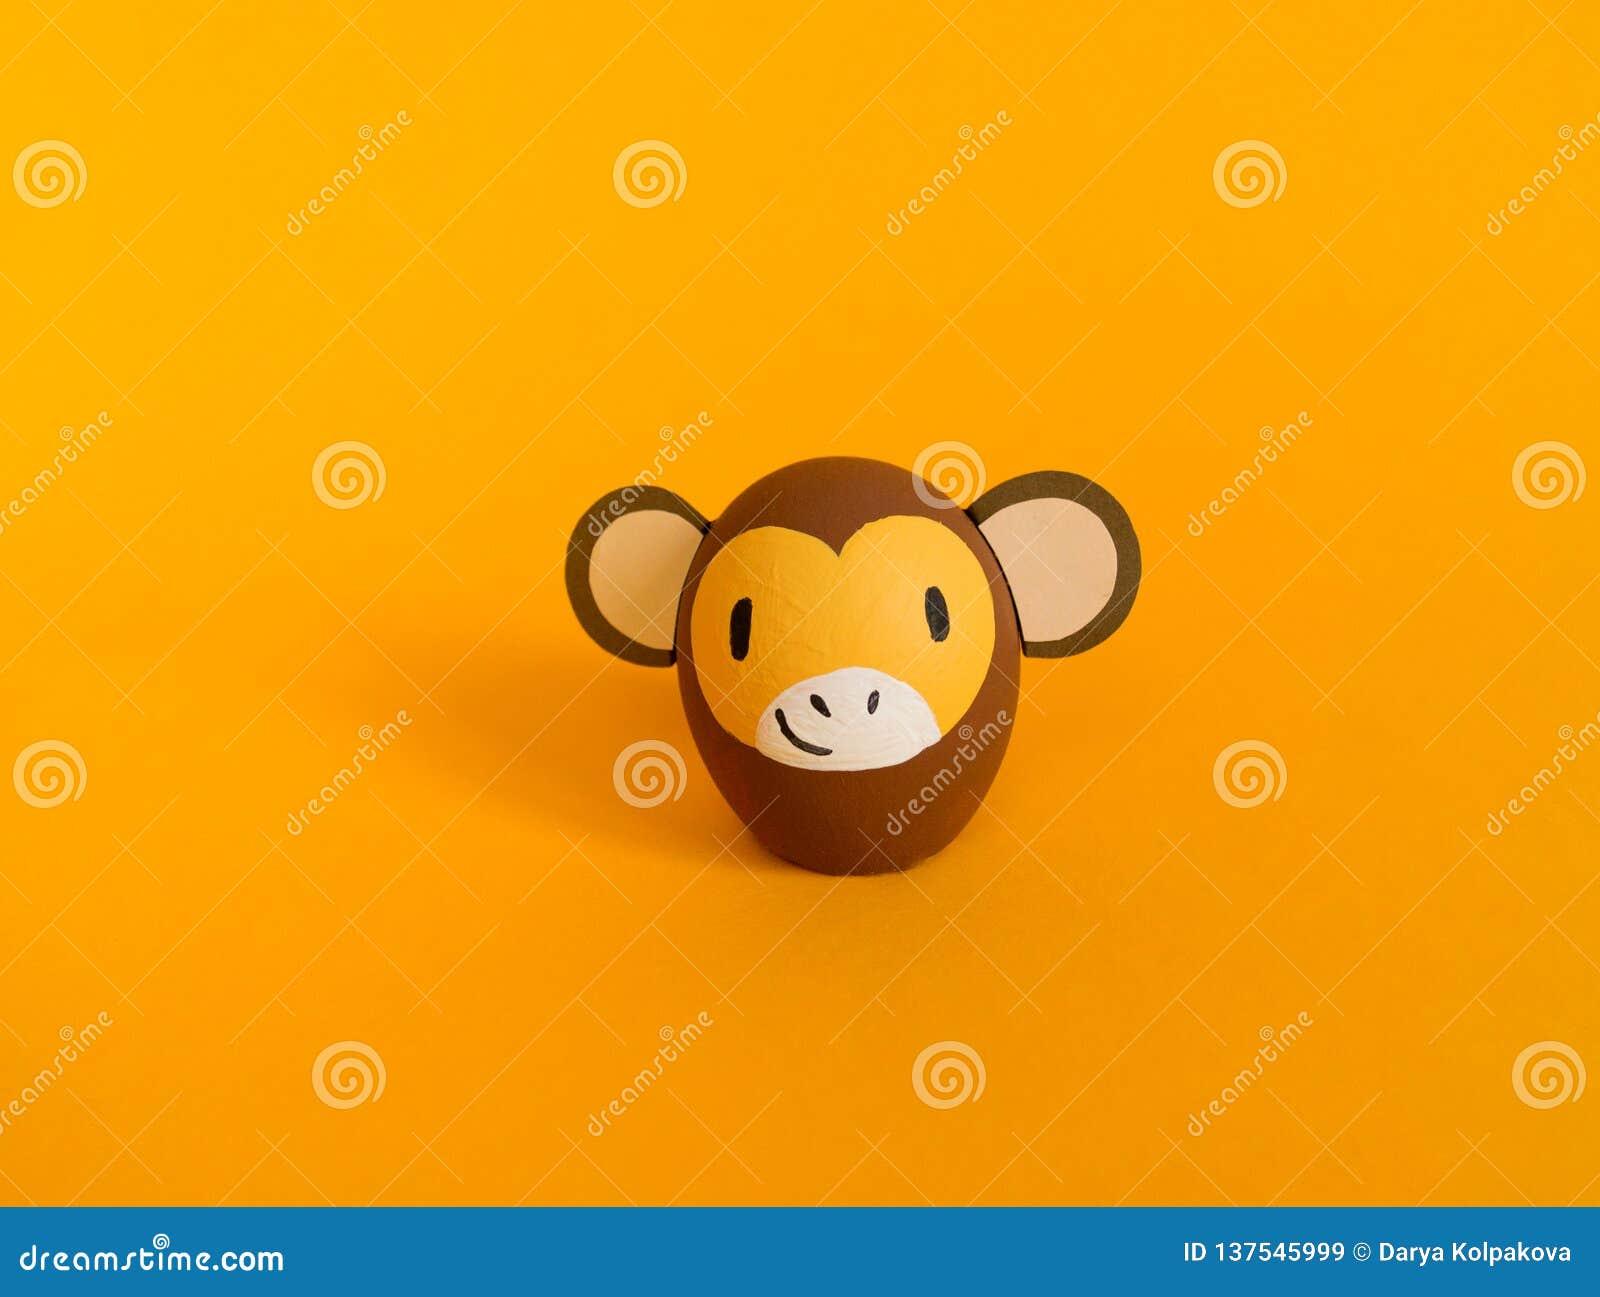 Концепция праздника пасхи с милыми handmade яйцами: коричневая обезьяна